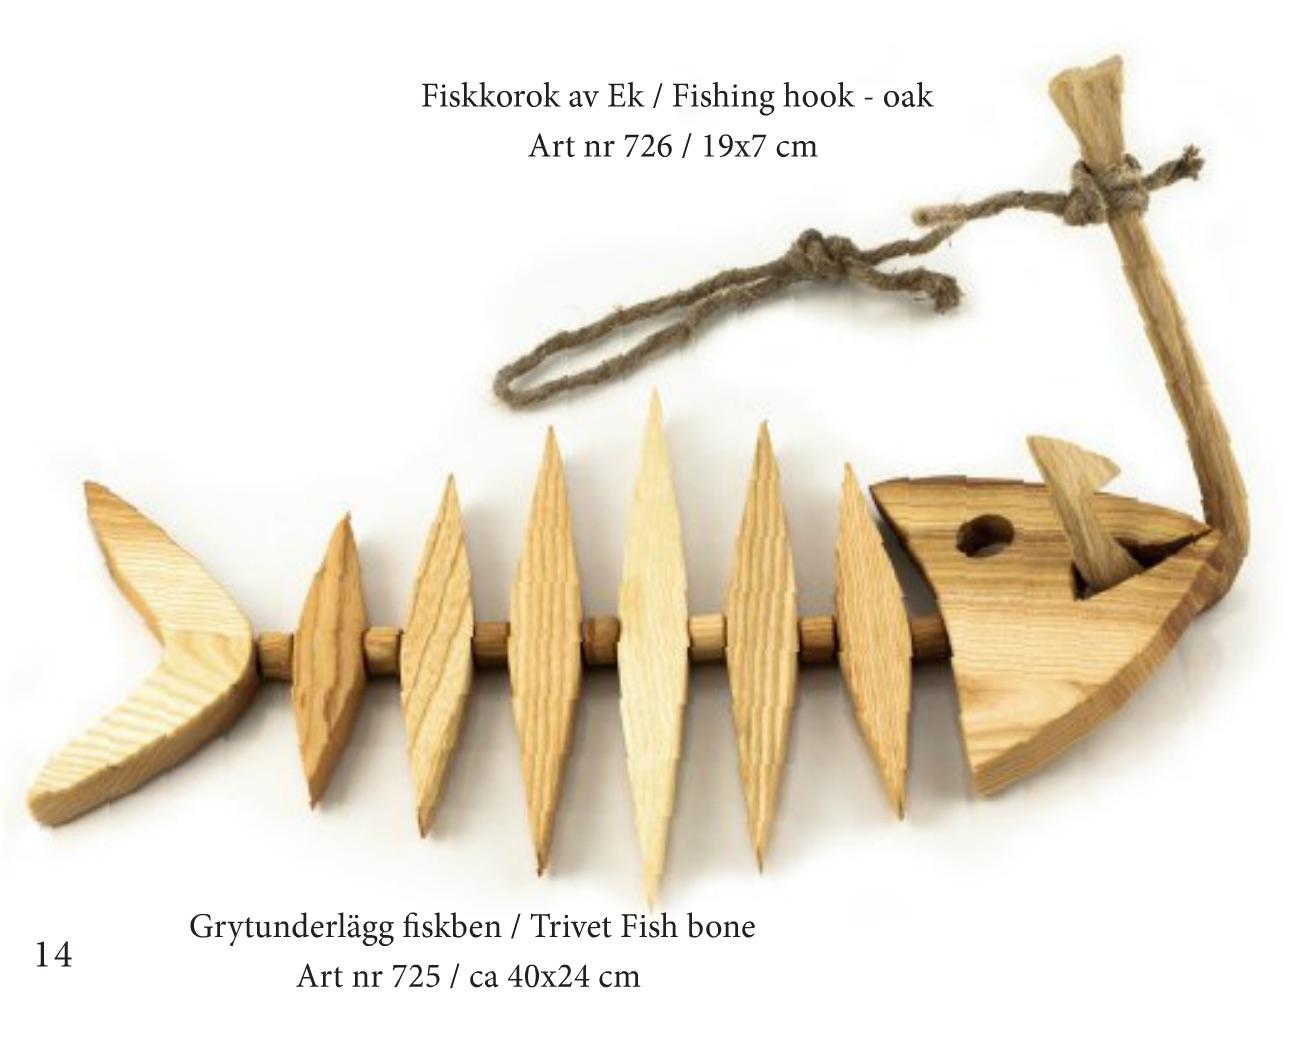 Grytunderlägg Fiskben+krok